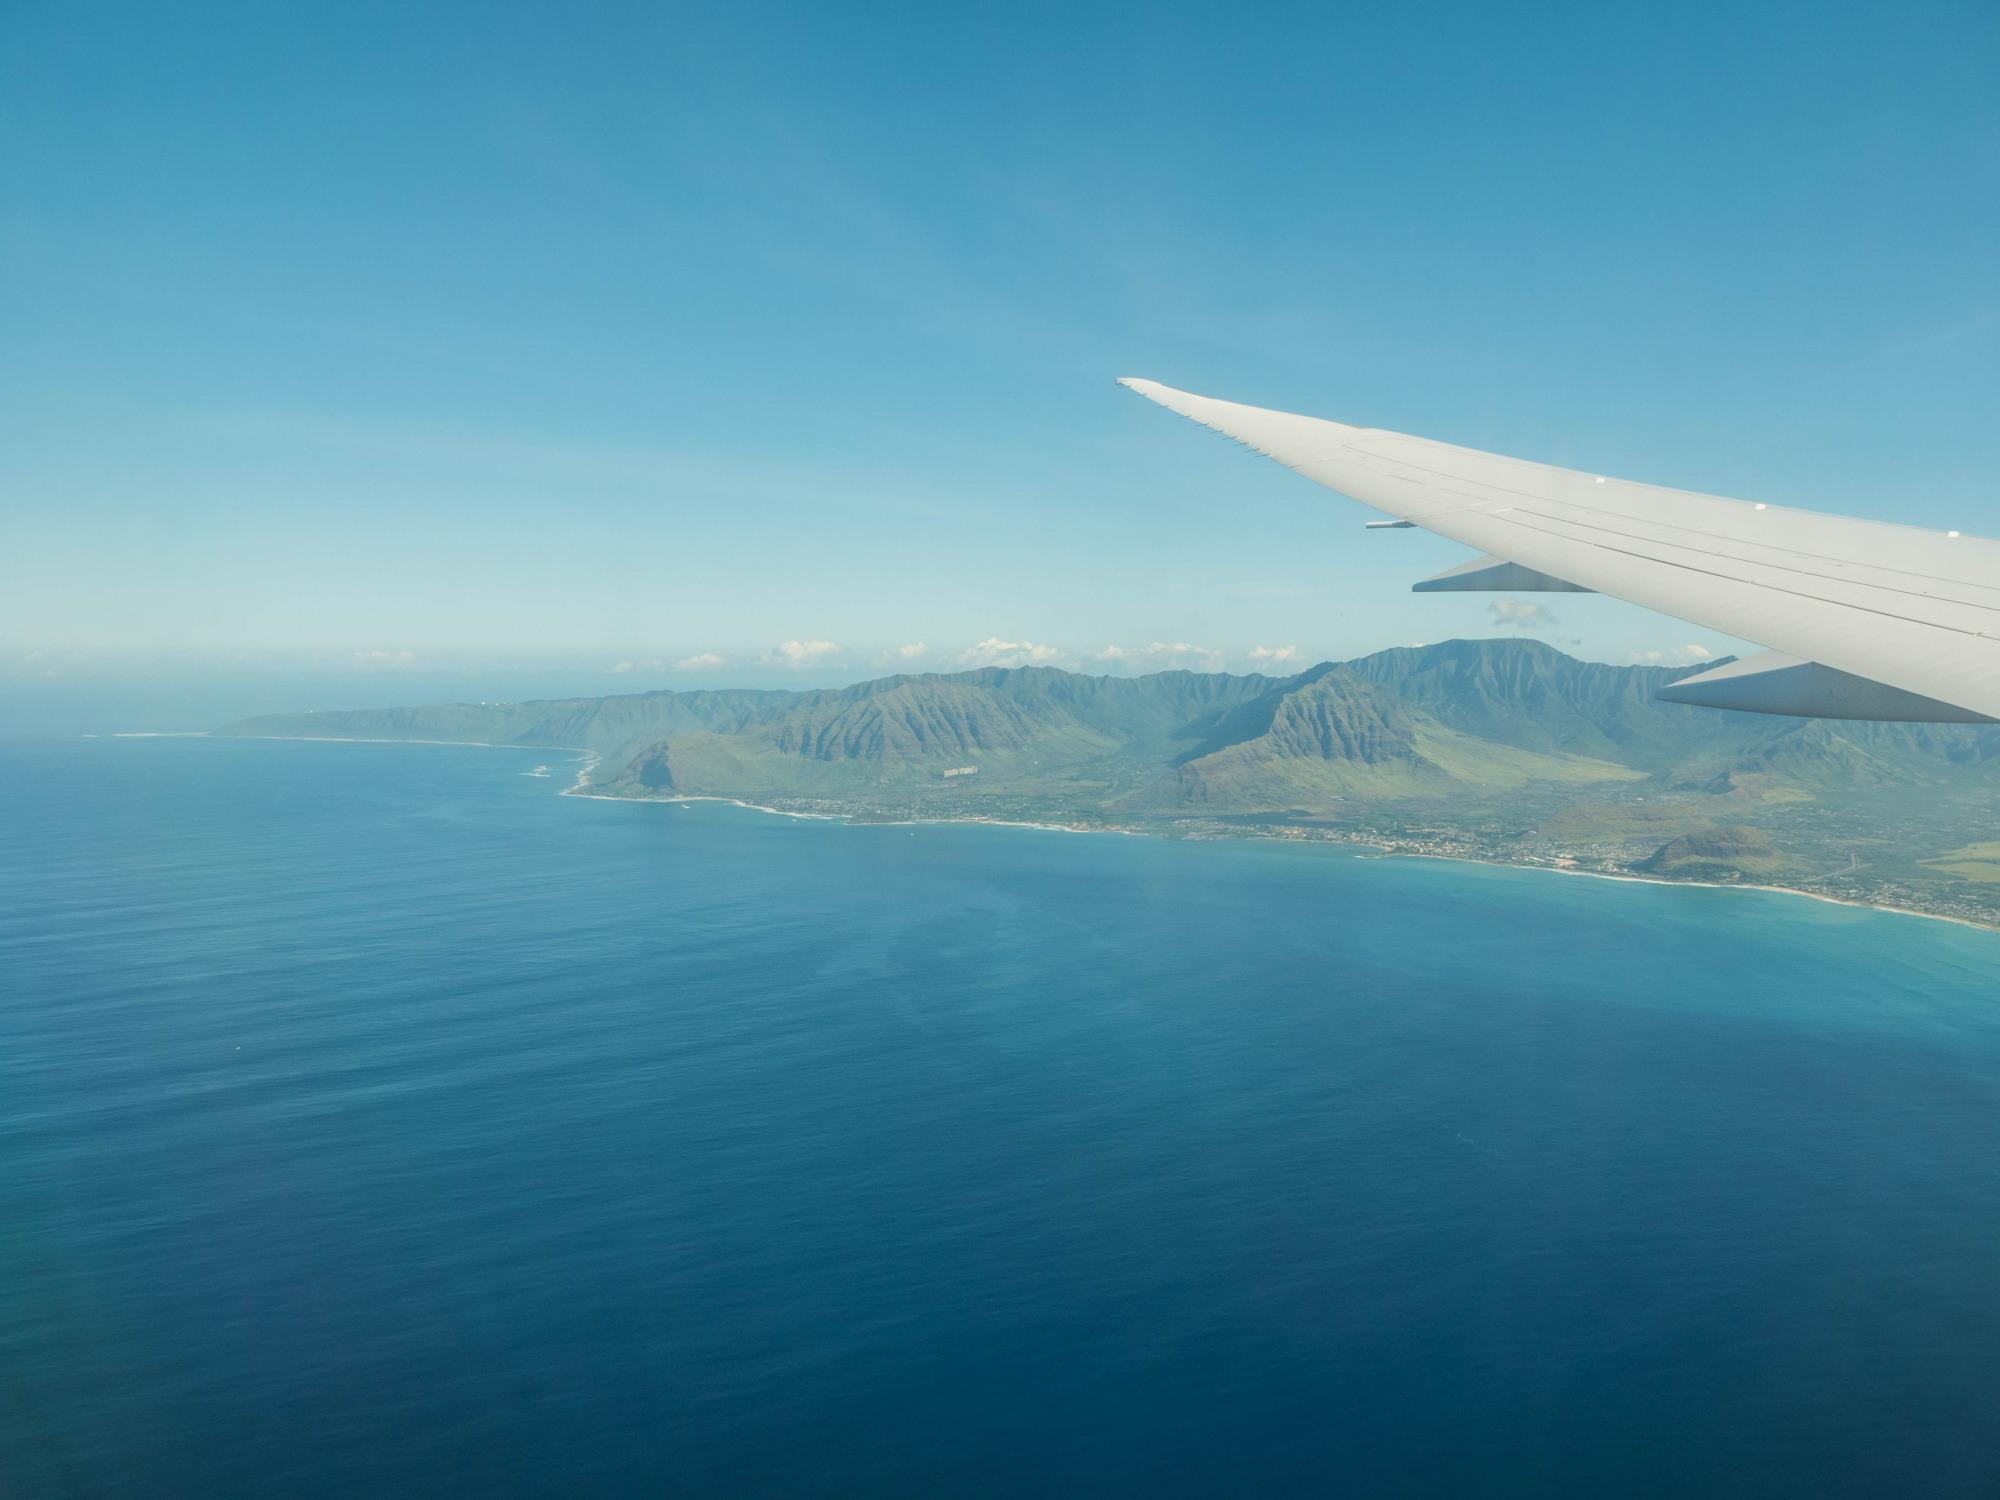 2018常夏の楽園ハワイ(ホノルル・オアフ島)へvol.1~実は初めての〇〇〇~_f0276498_01251943.jpg